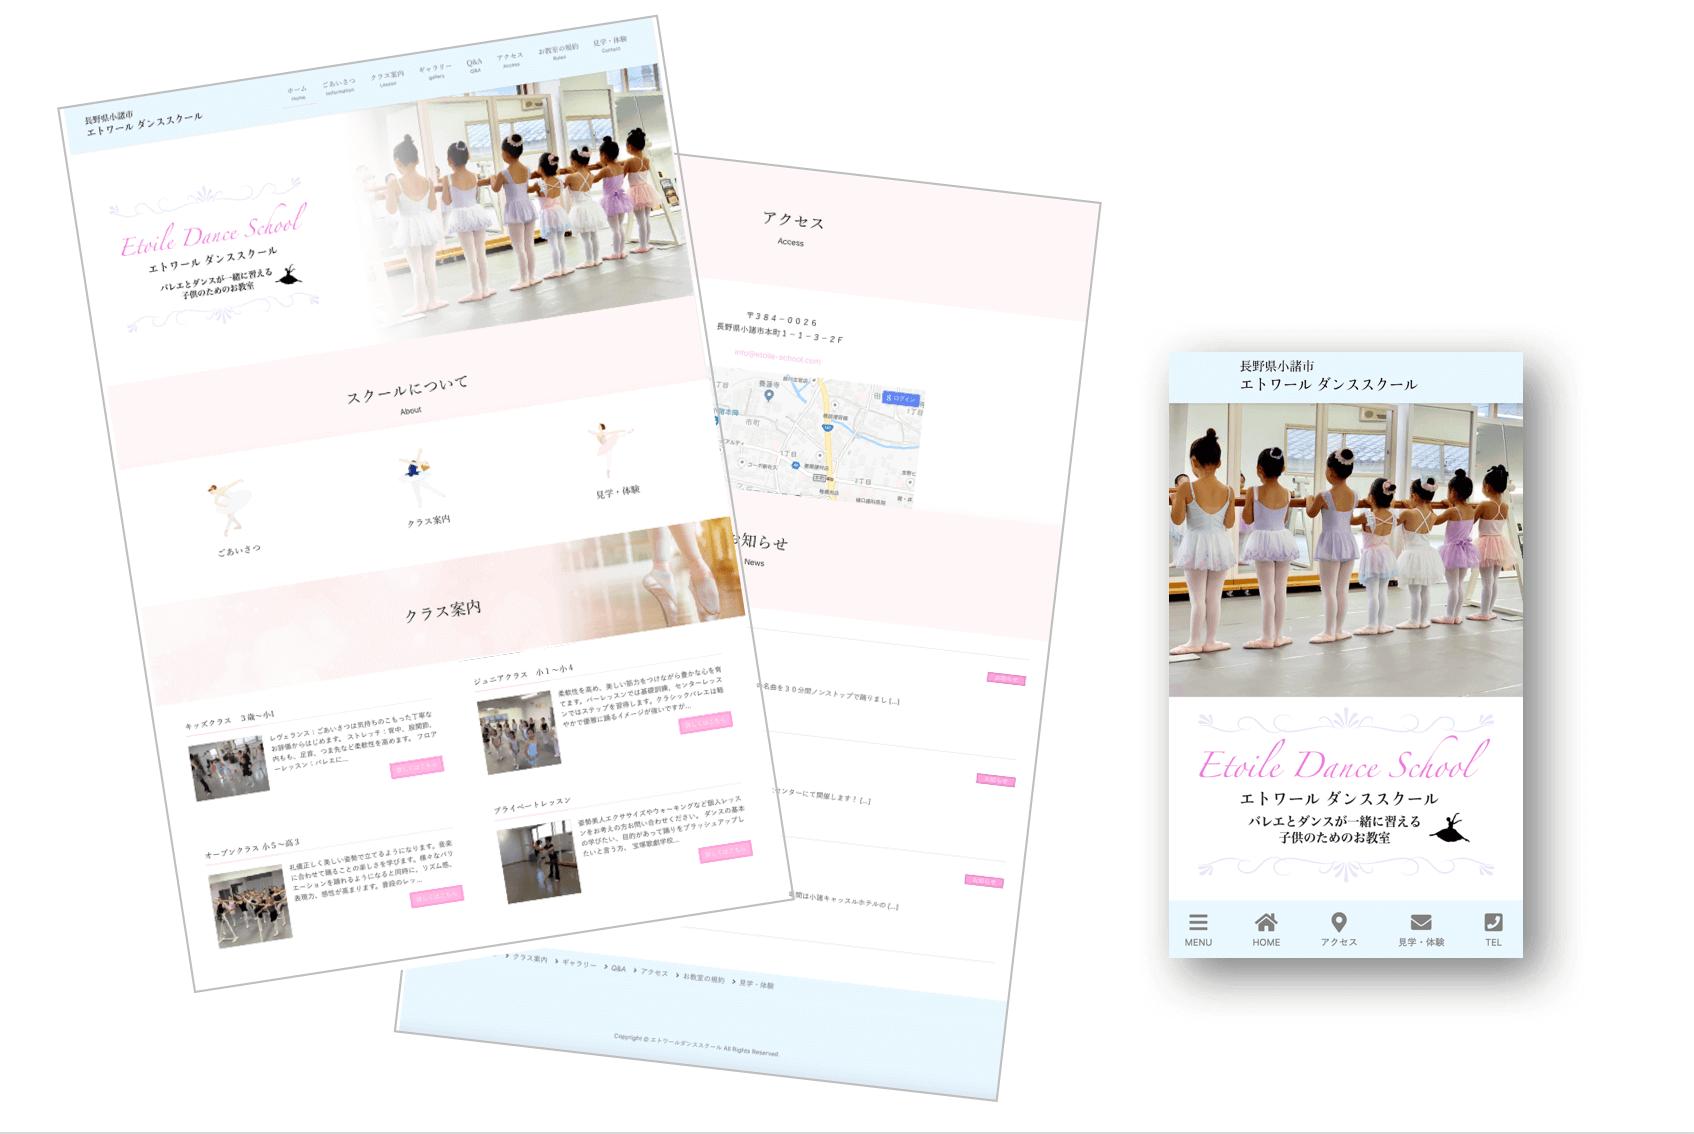 ダンススクールホームページ制作事例